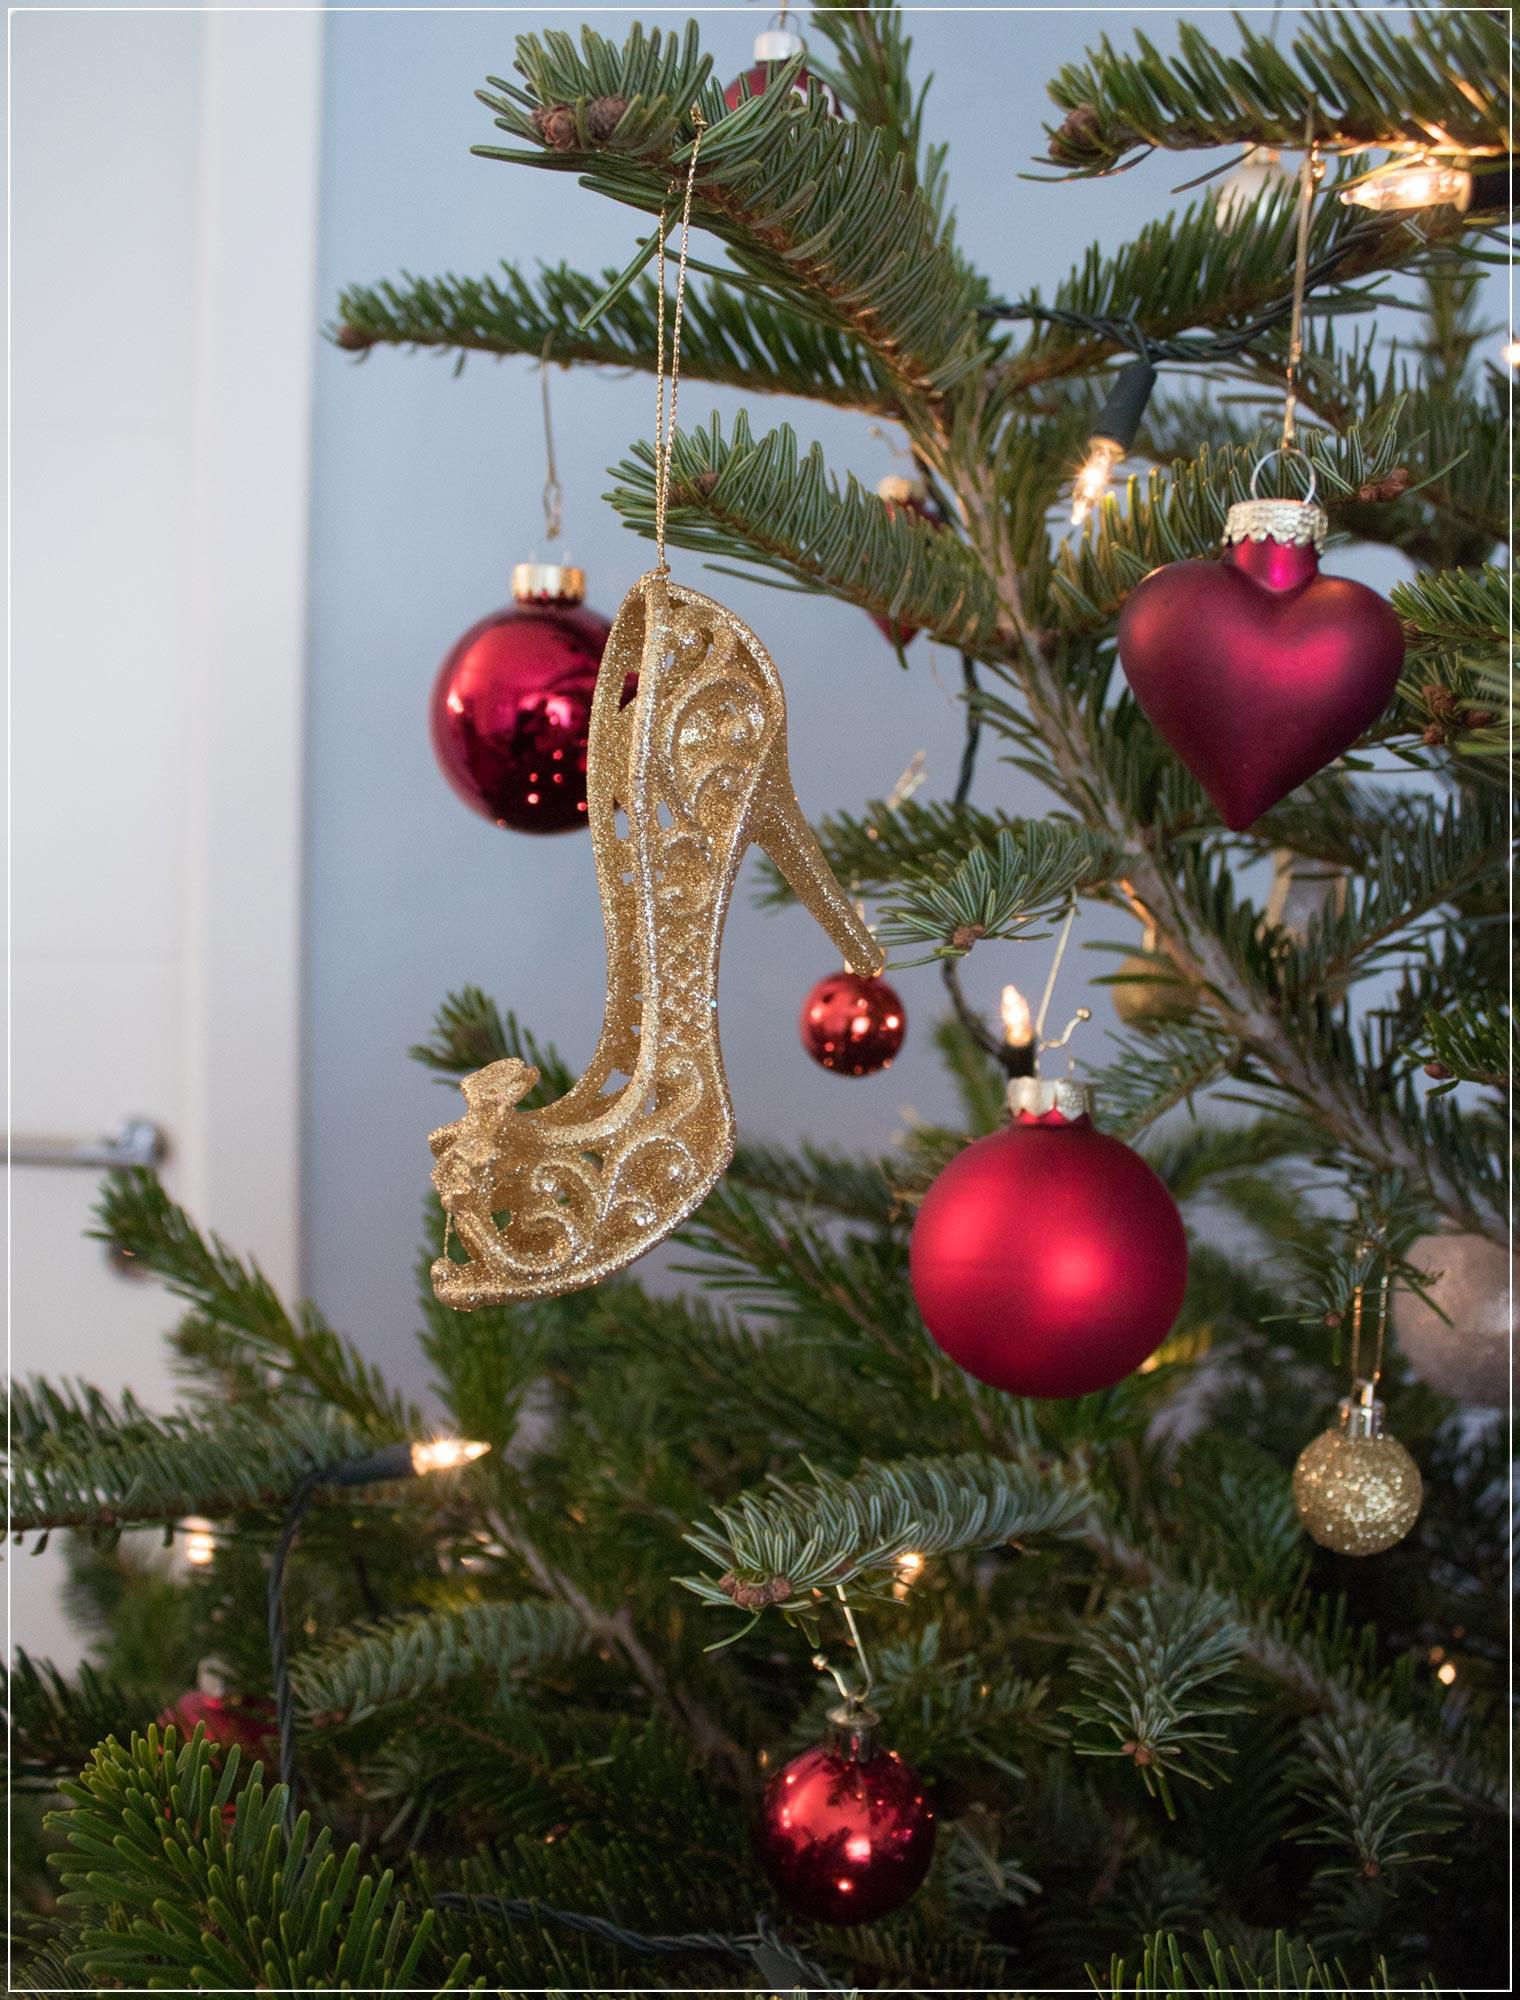 Weihnachtsbaum Inspiration mit Disney Kugeln und High Heels